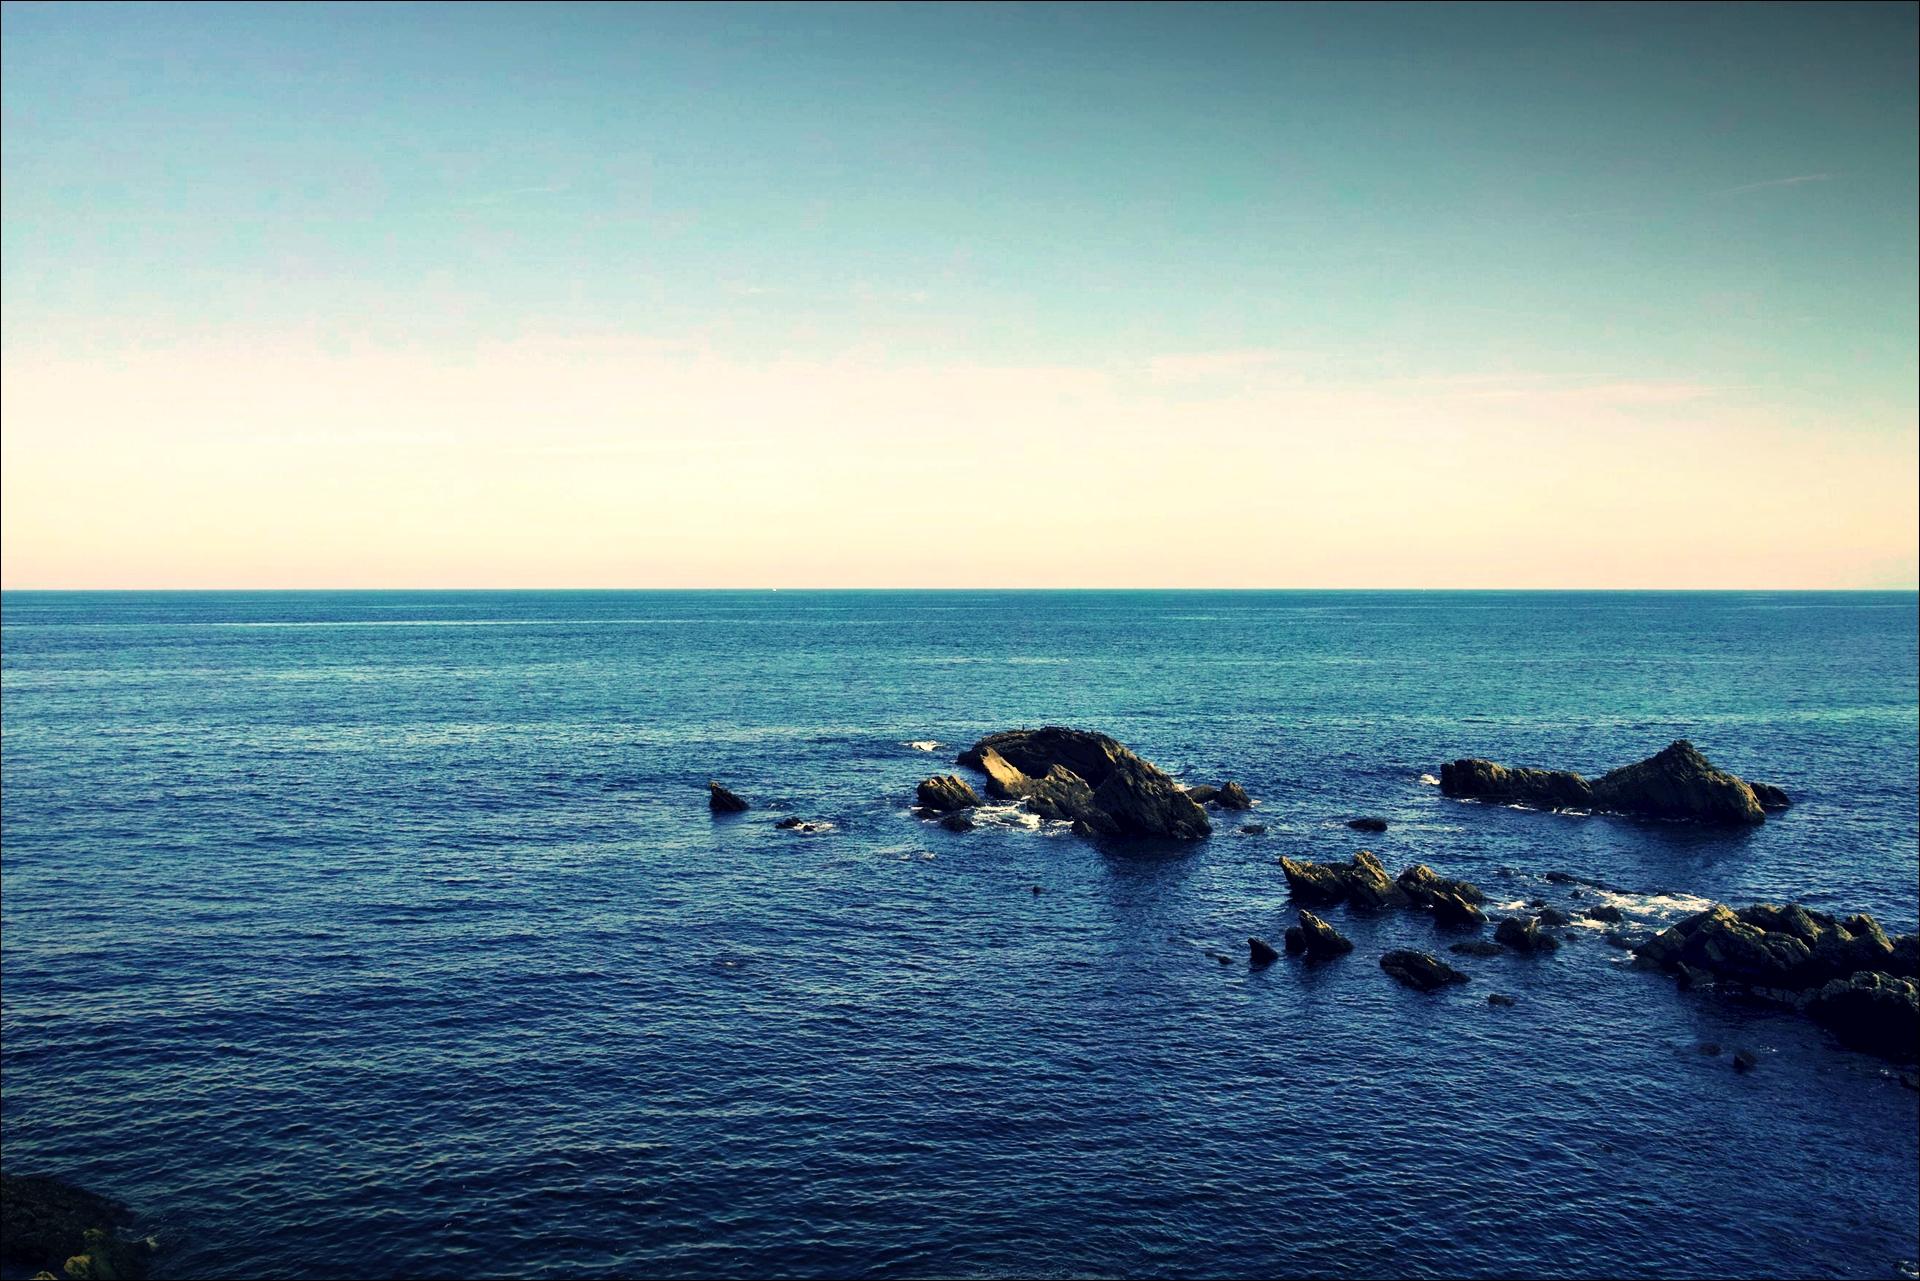 바다-'카미노 데 산티아고 북쪽길. 사라우츠에서 쑤마이아. 빌바오.'